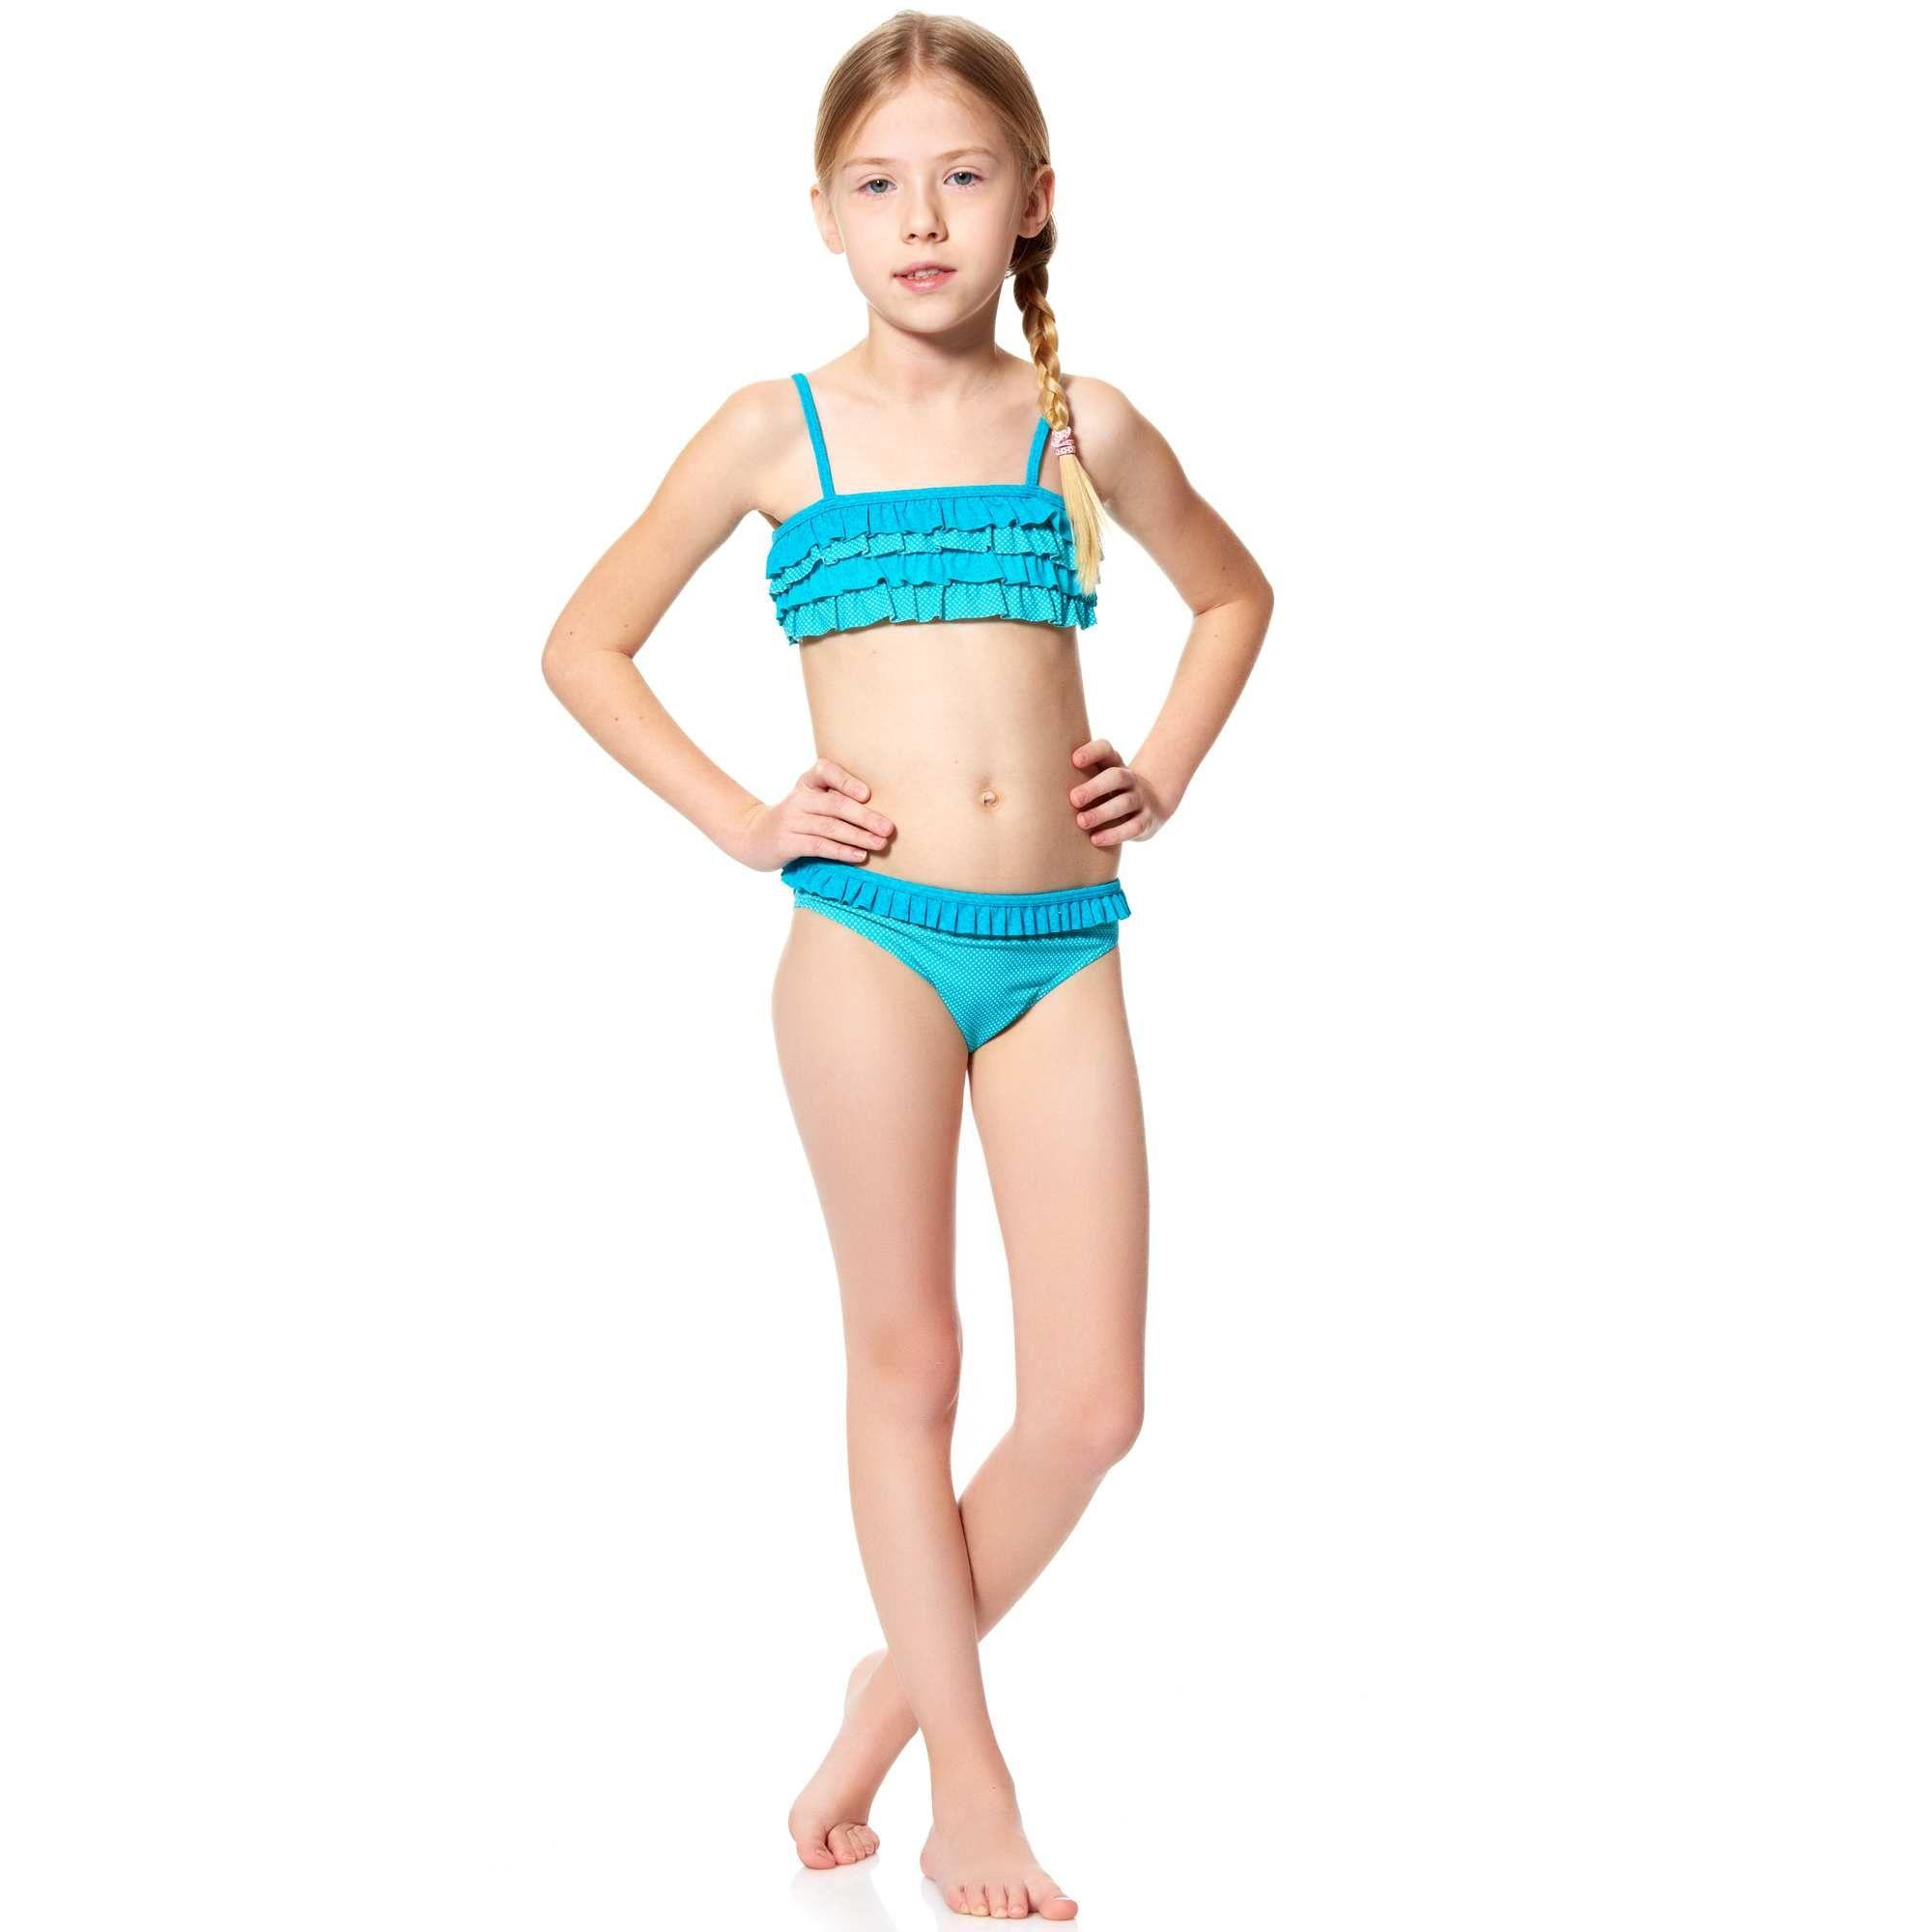 Schwimmen 2019 Swimming Briefs Herren Bademode Low Sexy Bademode Boxer Der Männer Schwimmen Kurze Sportive Beachwear Männer Badeanzug Jade Weiß